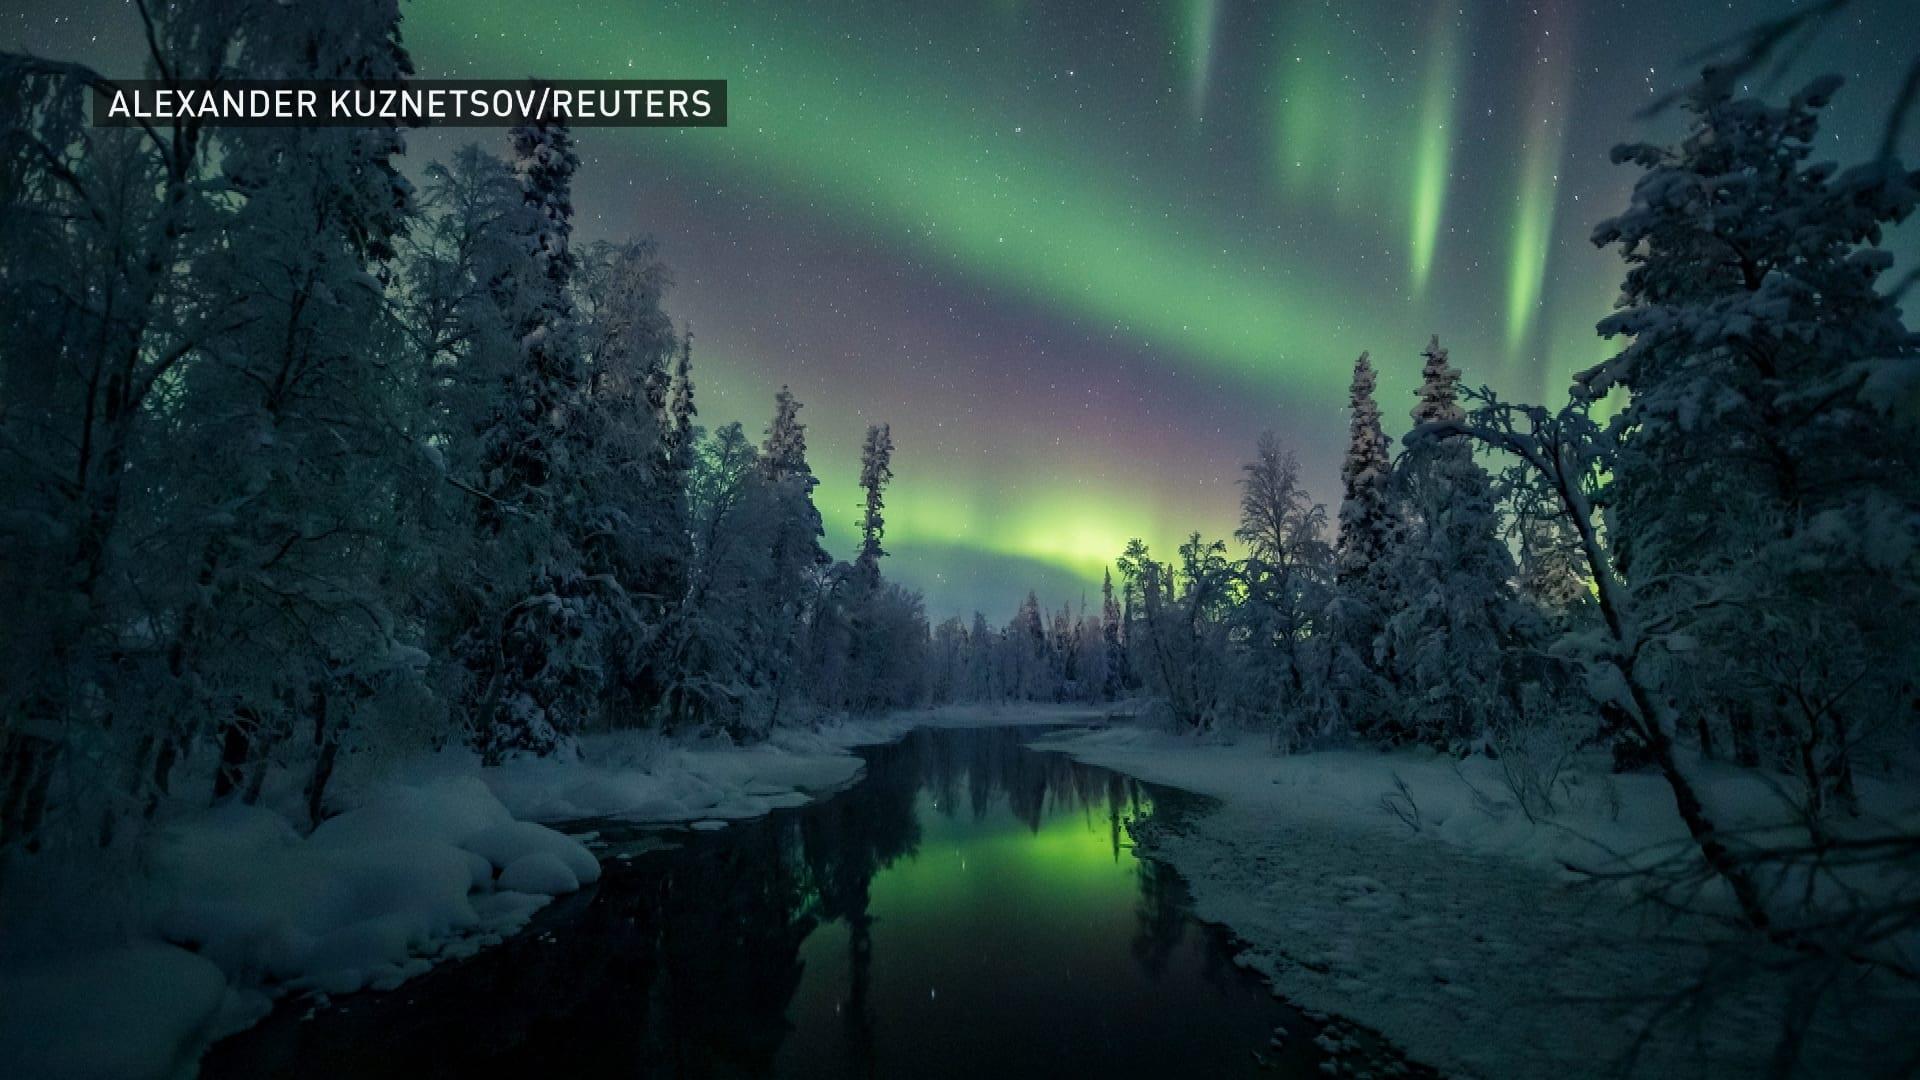 درخشش زیبایی بر آسمان فنلاند می درخشد